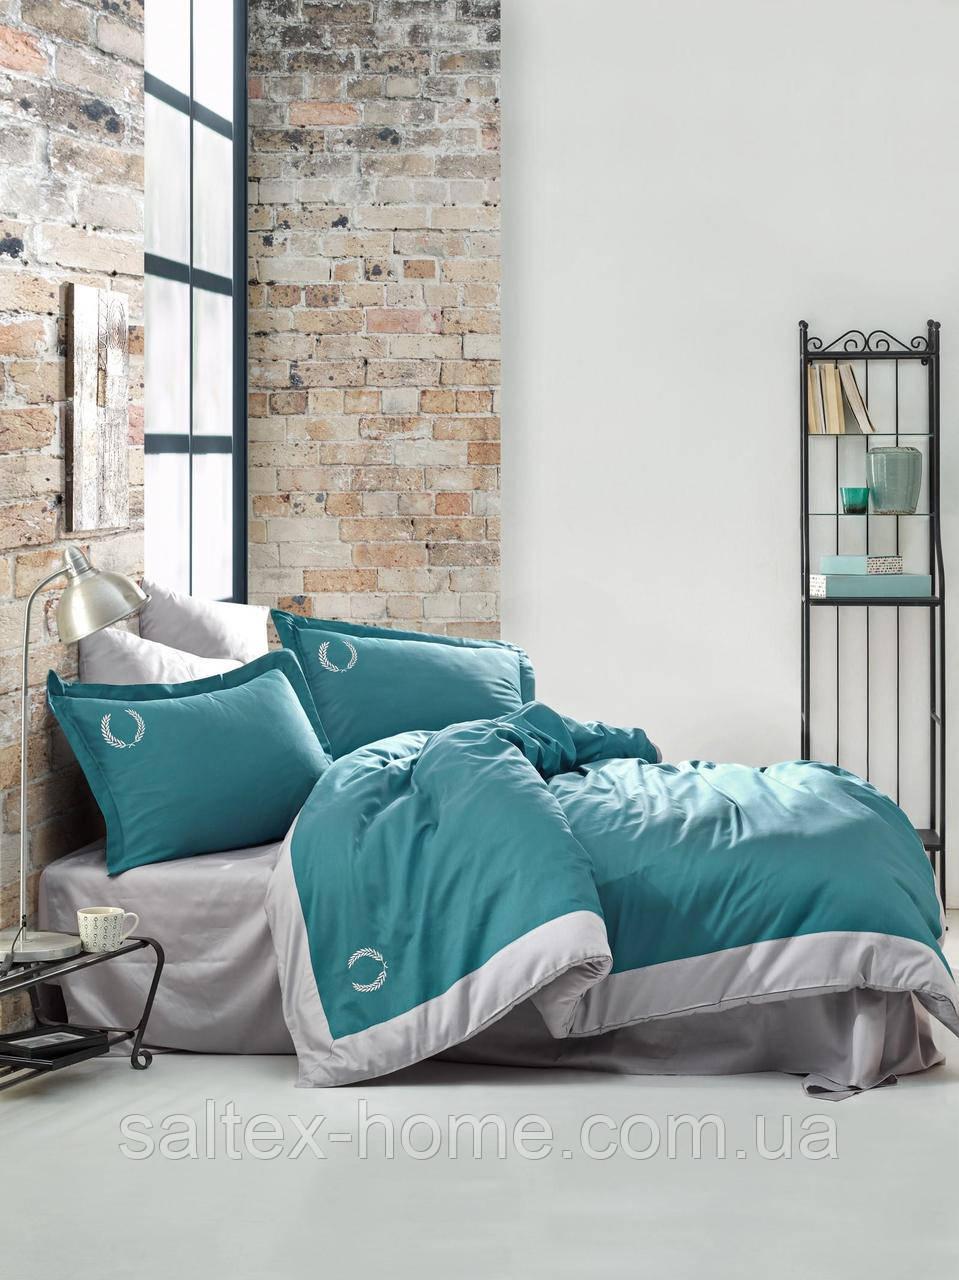 Двуспальный (евро) комплект постельного белья из сатина от ТМ Cotton Box